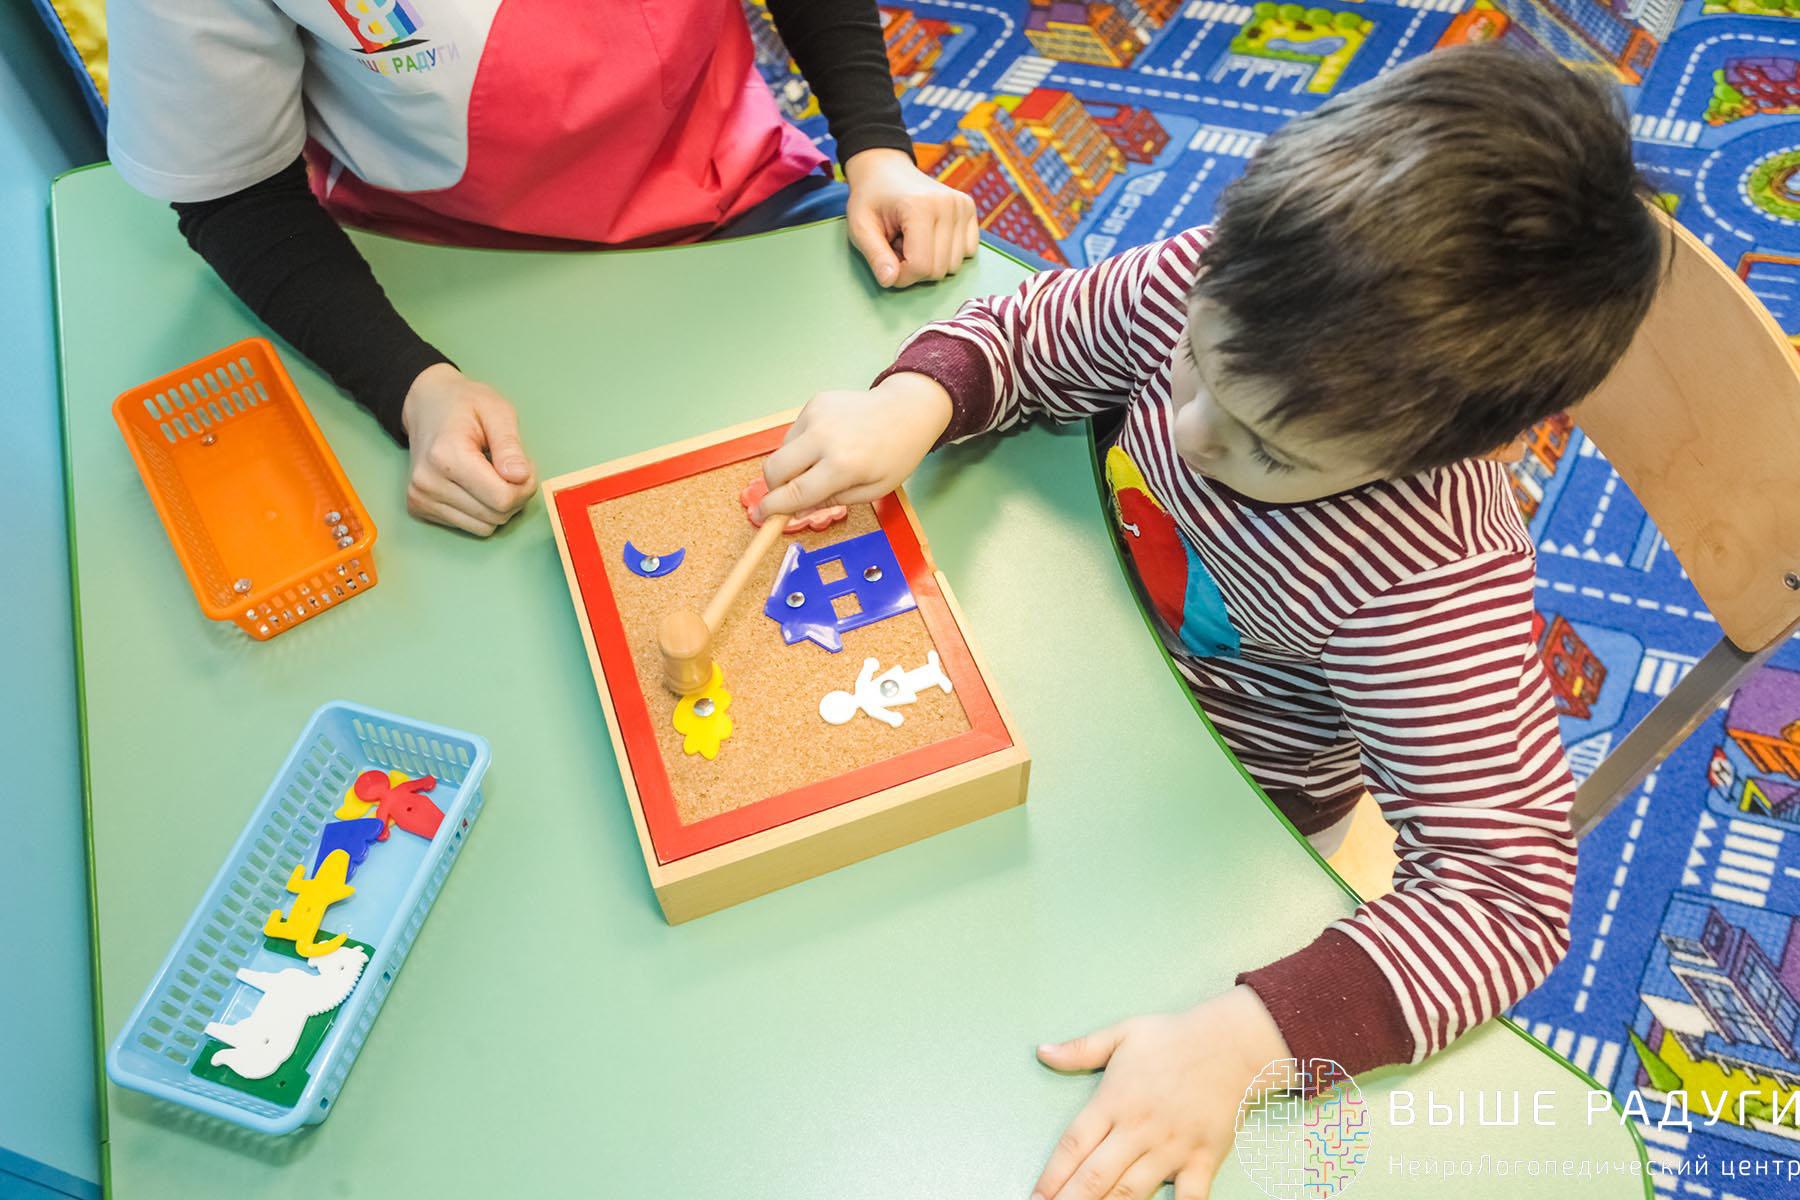 Фото детей с задержкой психического развития